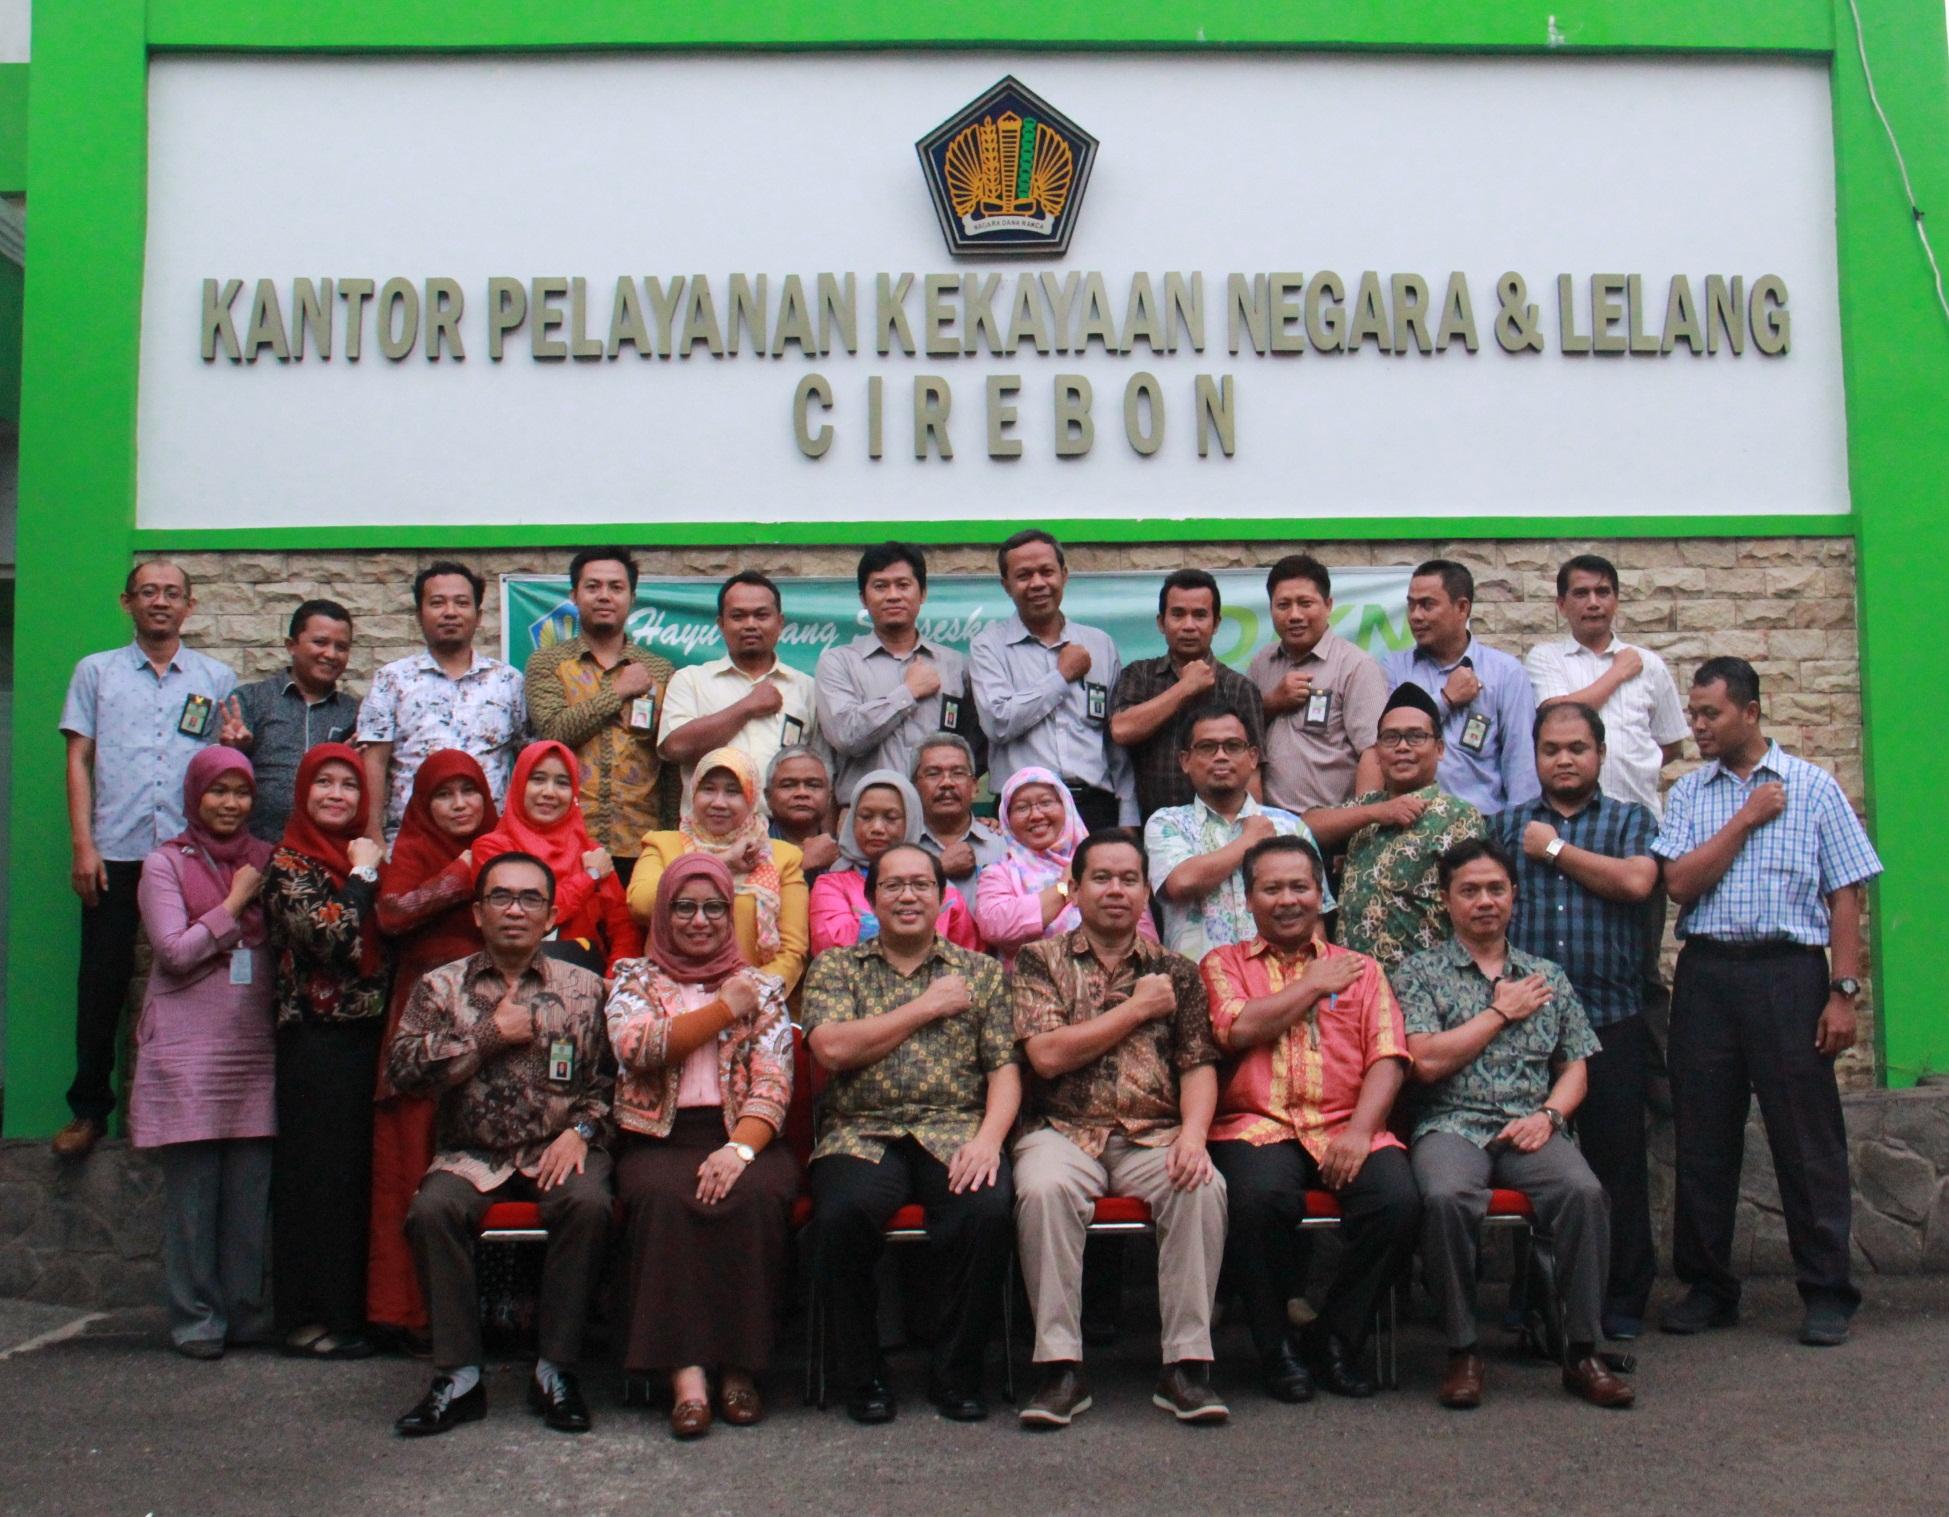 Kunjungan Direktur Jenderal Kekayaan Negara, Sesditjen, Direktur PKNSI dan Kakanwil Jabar